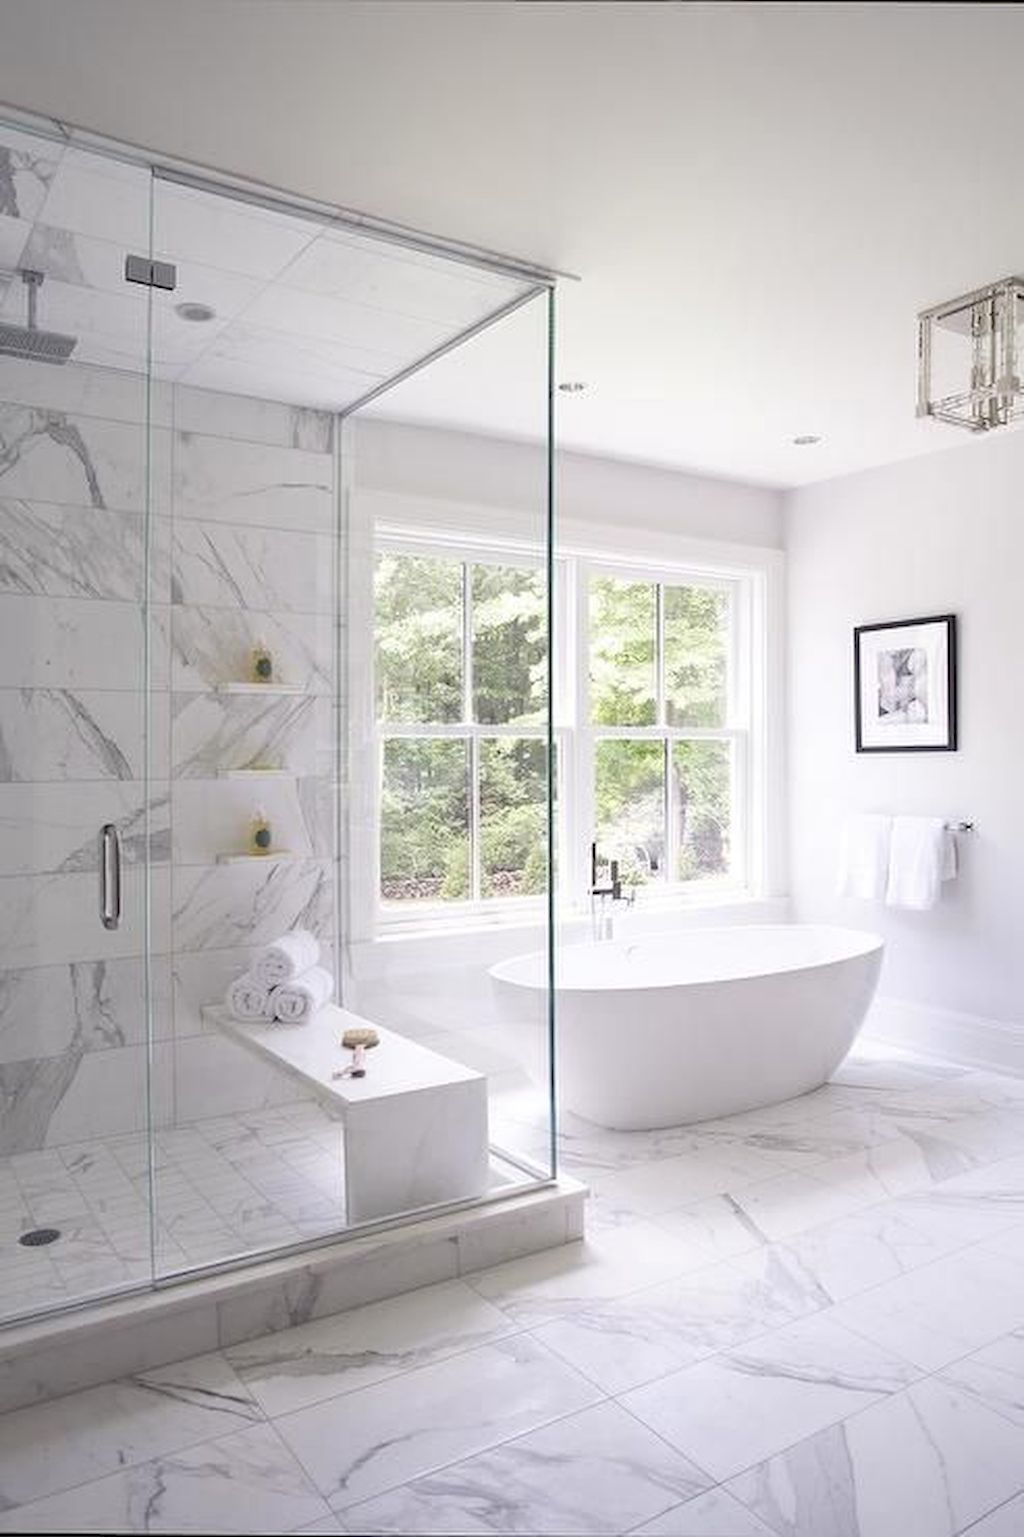 Amazing Bathroom Design Ideas Home Design Small Master Bathroom Bathroom Remodel Master Bathroom Interior Design